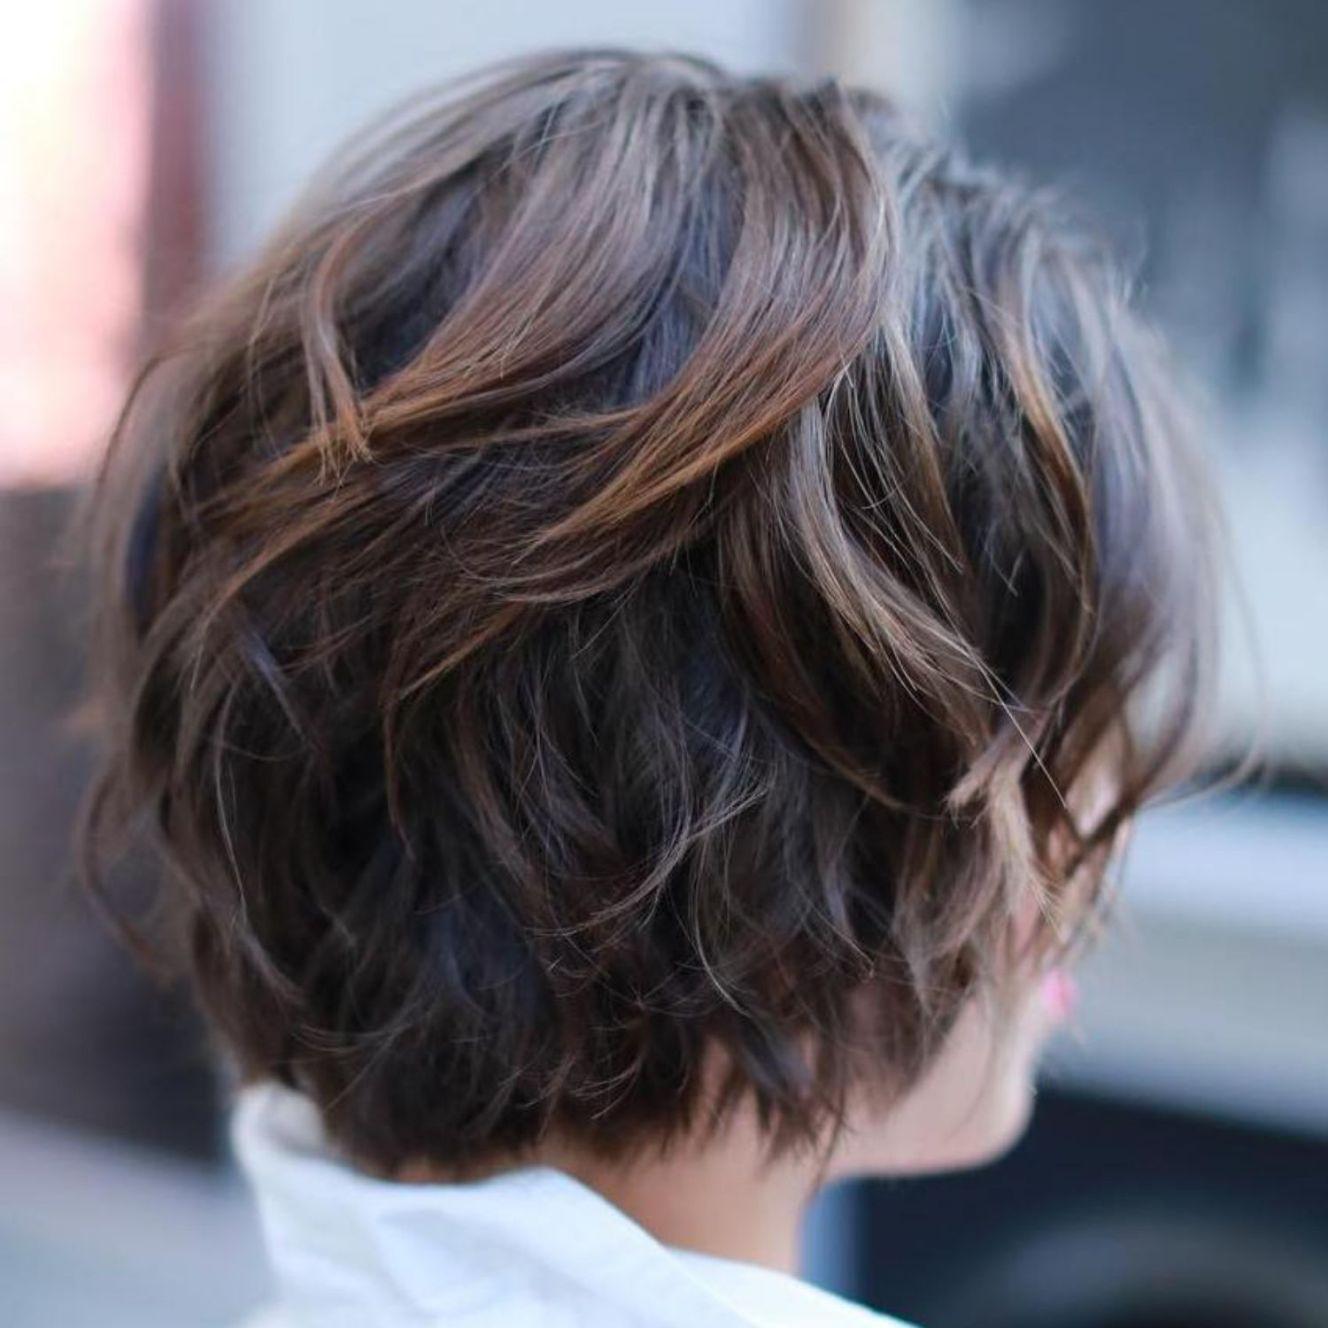 Hair girl shaggy 2021 Latest